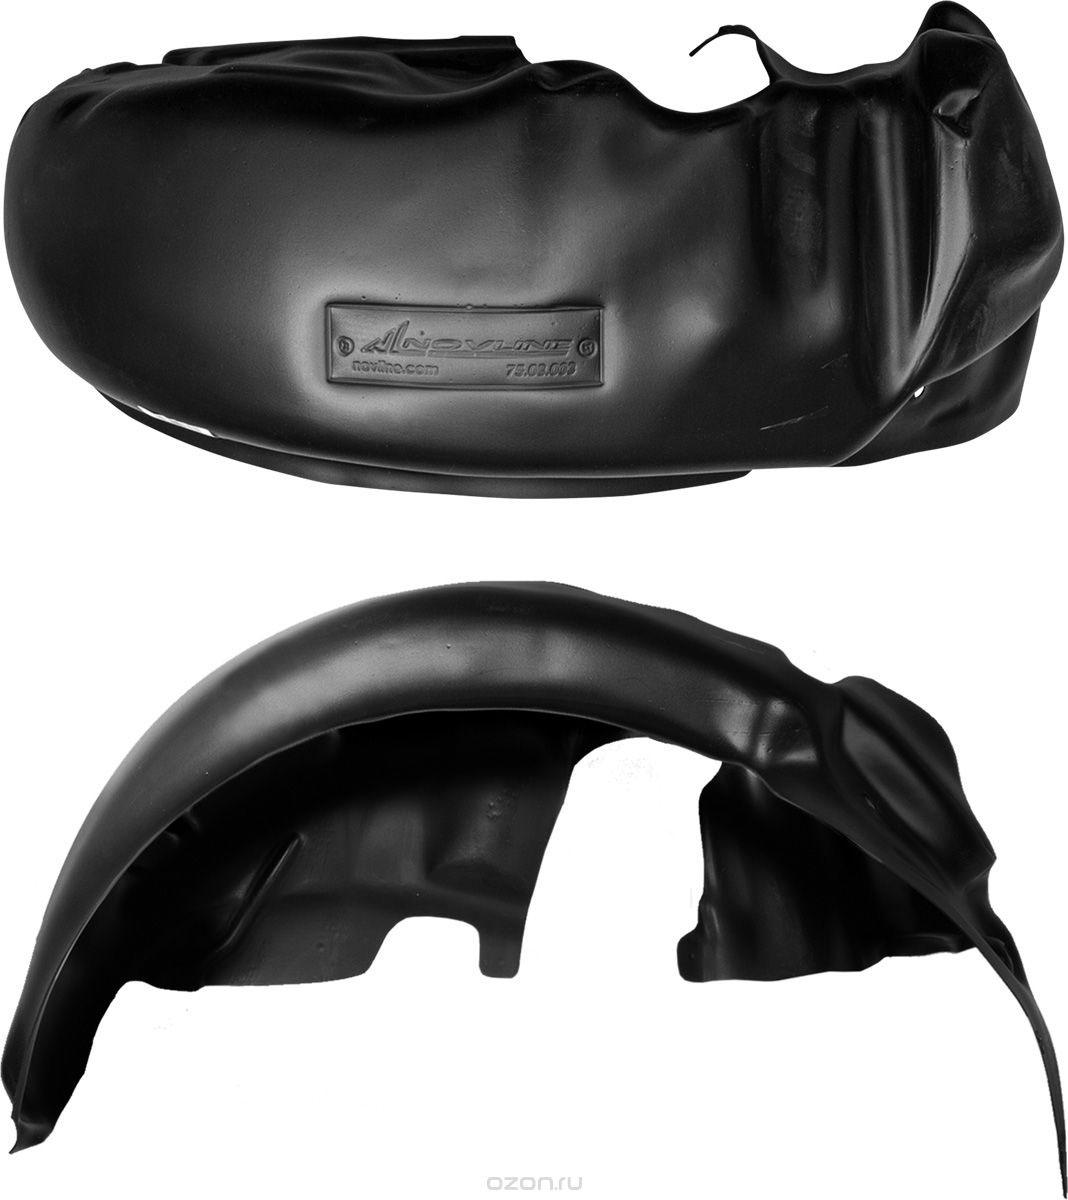 Подкрылок Novline-Autofamily, для RENAULT Master, 2010->, задний левый42305006Идеальная защита колесной ниши. Локеры разработаны с применением цифровых технологий, гарантируют максимальную повторяемость поверхности арки. Изделия устанавливаются без нарушения лакокрасочного покрытия автомобиля, каждый подкрылок комплектуется крепежом. Уважаемые клиенты, обращаем ваше внимание, что фотографии на подкрылки универсальные и не отражают реальную форму изделия. При этом само изделие идет точно под размер указанного автомобиля.